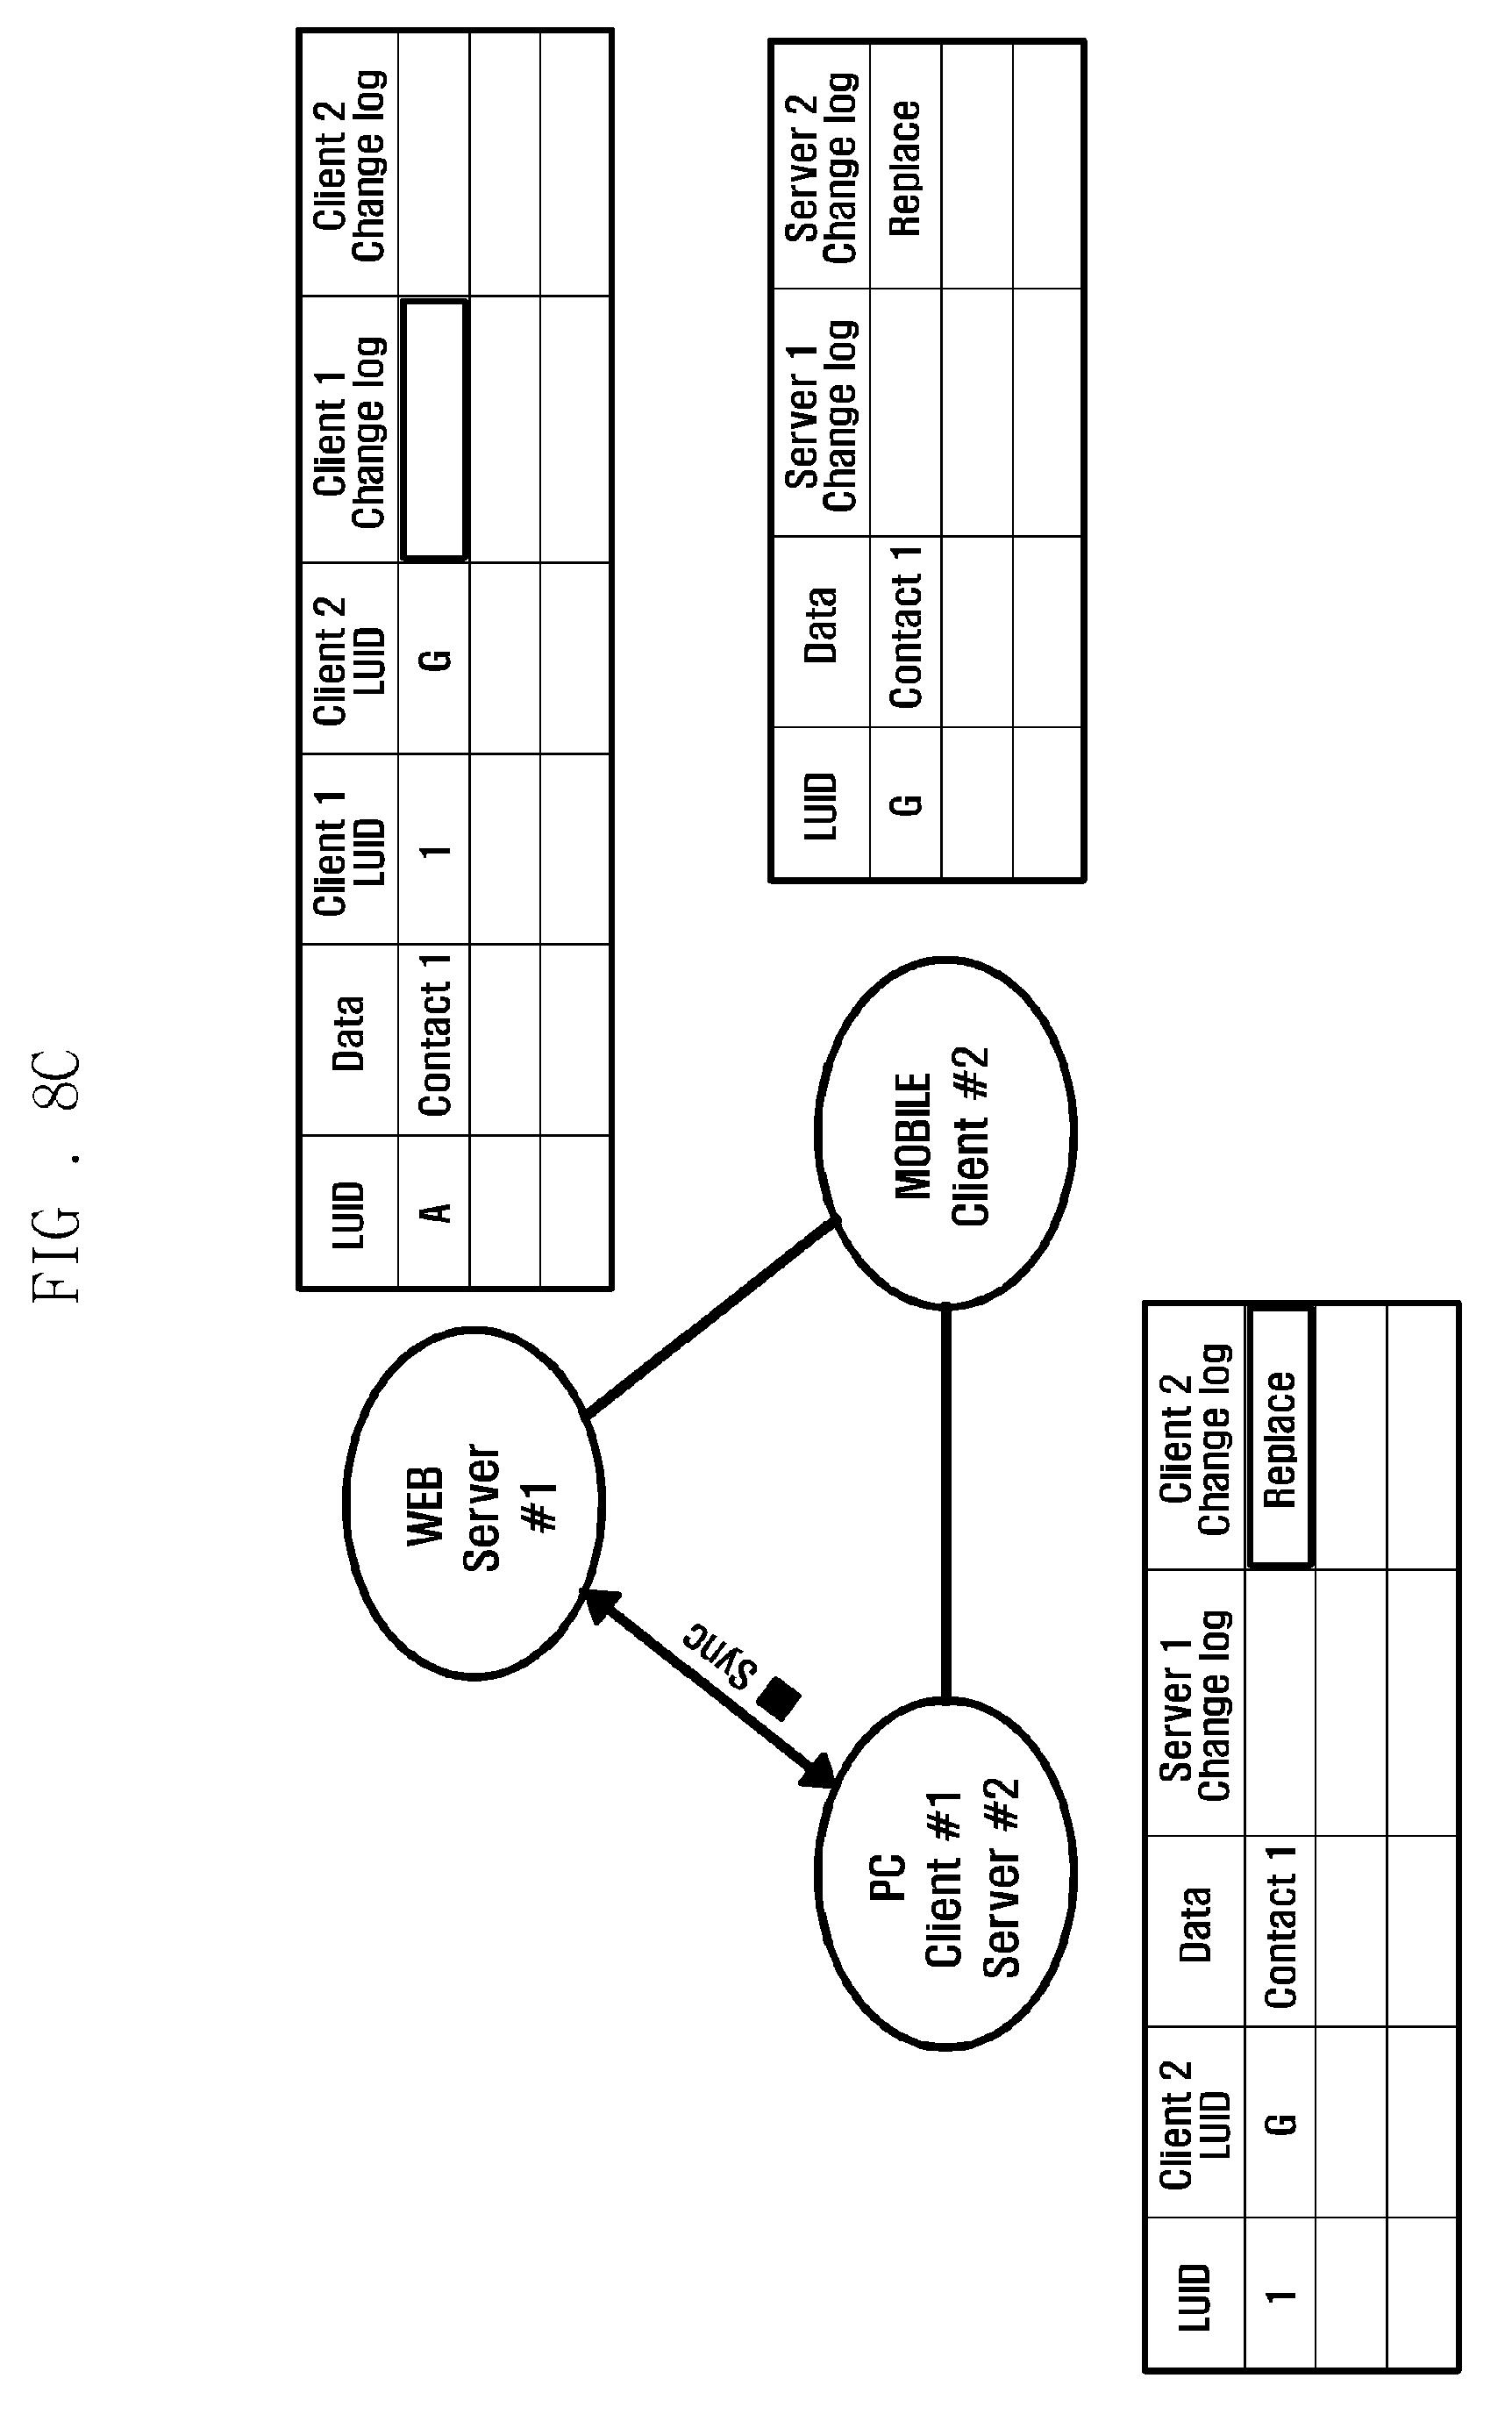 专利ep2086204a2 - method